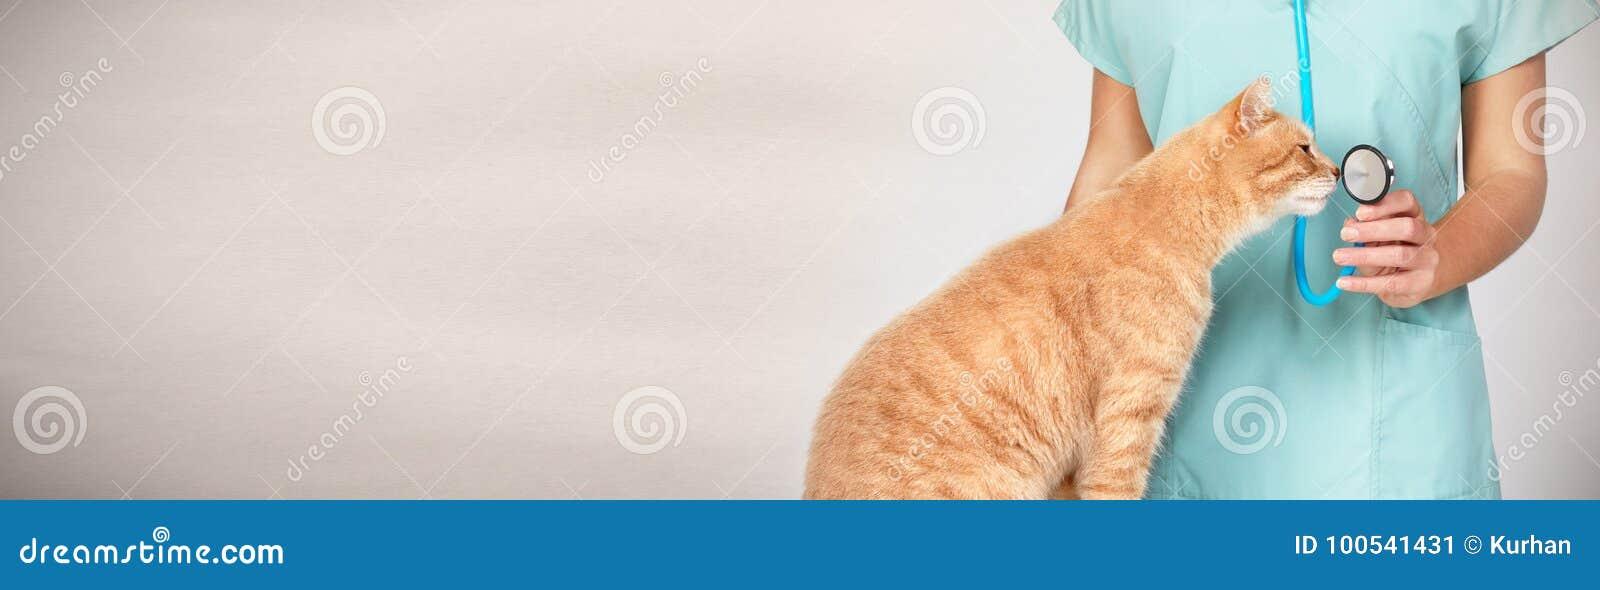 Зооветеринарный доктор с котом в ветеринарной клинике